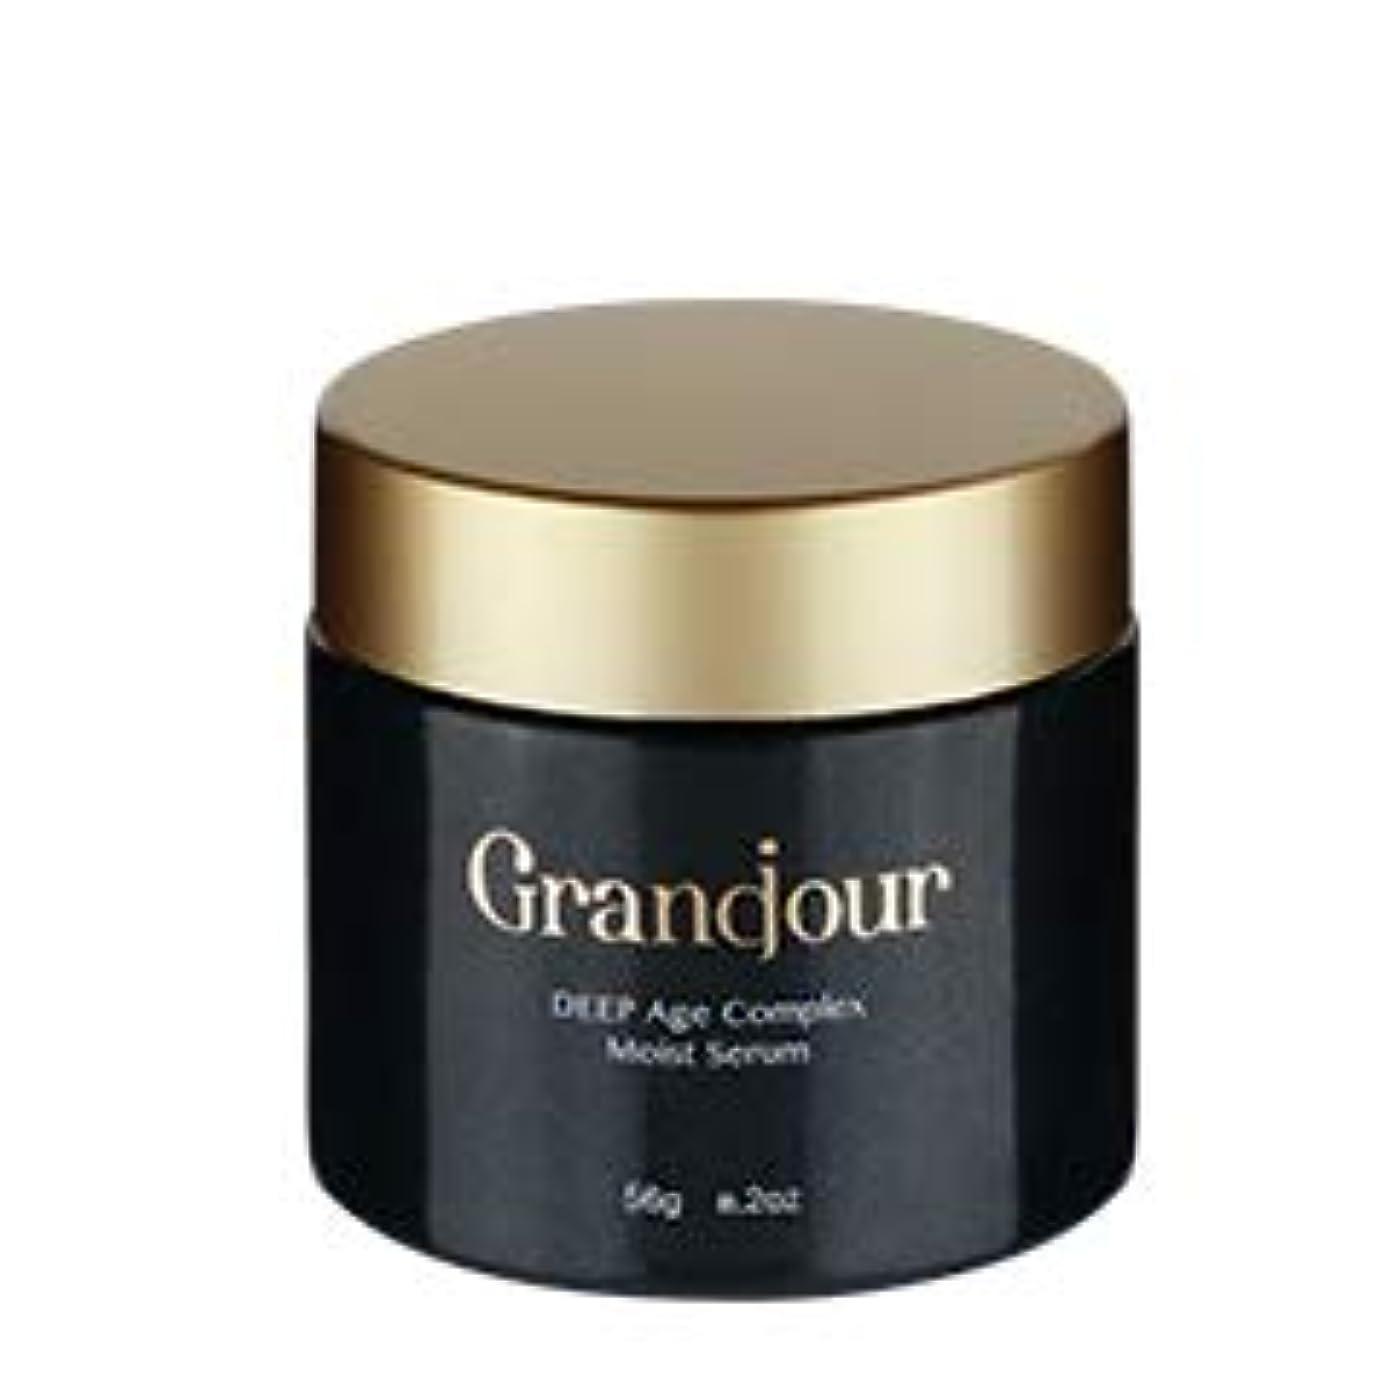 する素朴な不機嫌そうなグランジュールクリーム ~DEEP Age complex Moist Serum~ クリーム 56g Granojour 高級クリーム